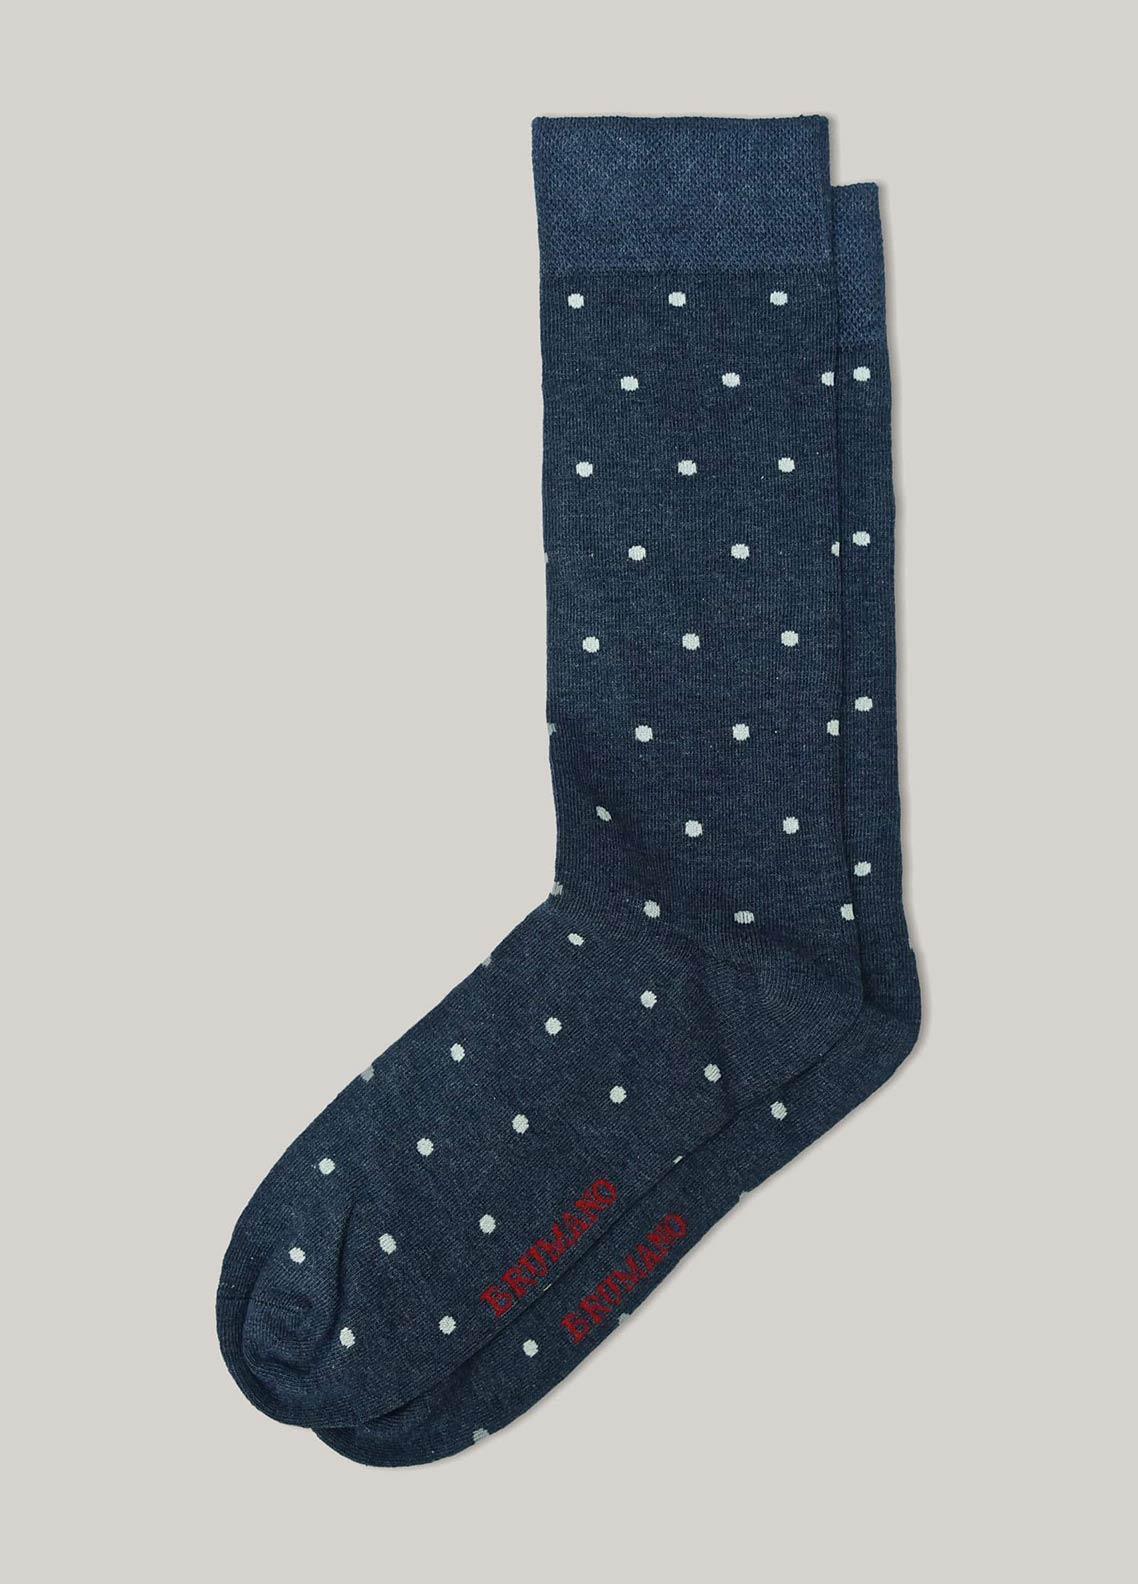 Brumano Cotton Socks BM20CSK Blue Melange Polka Dot Cotton Socks